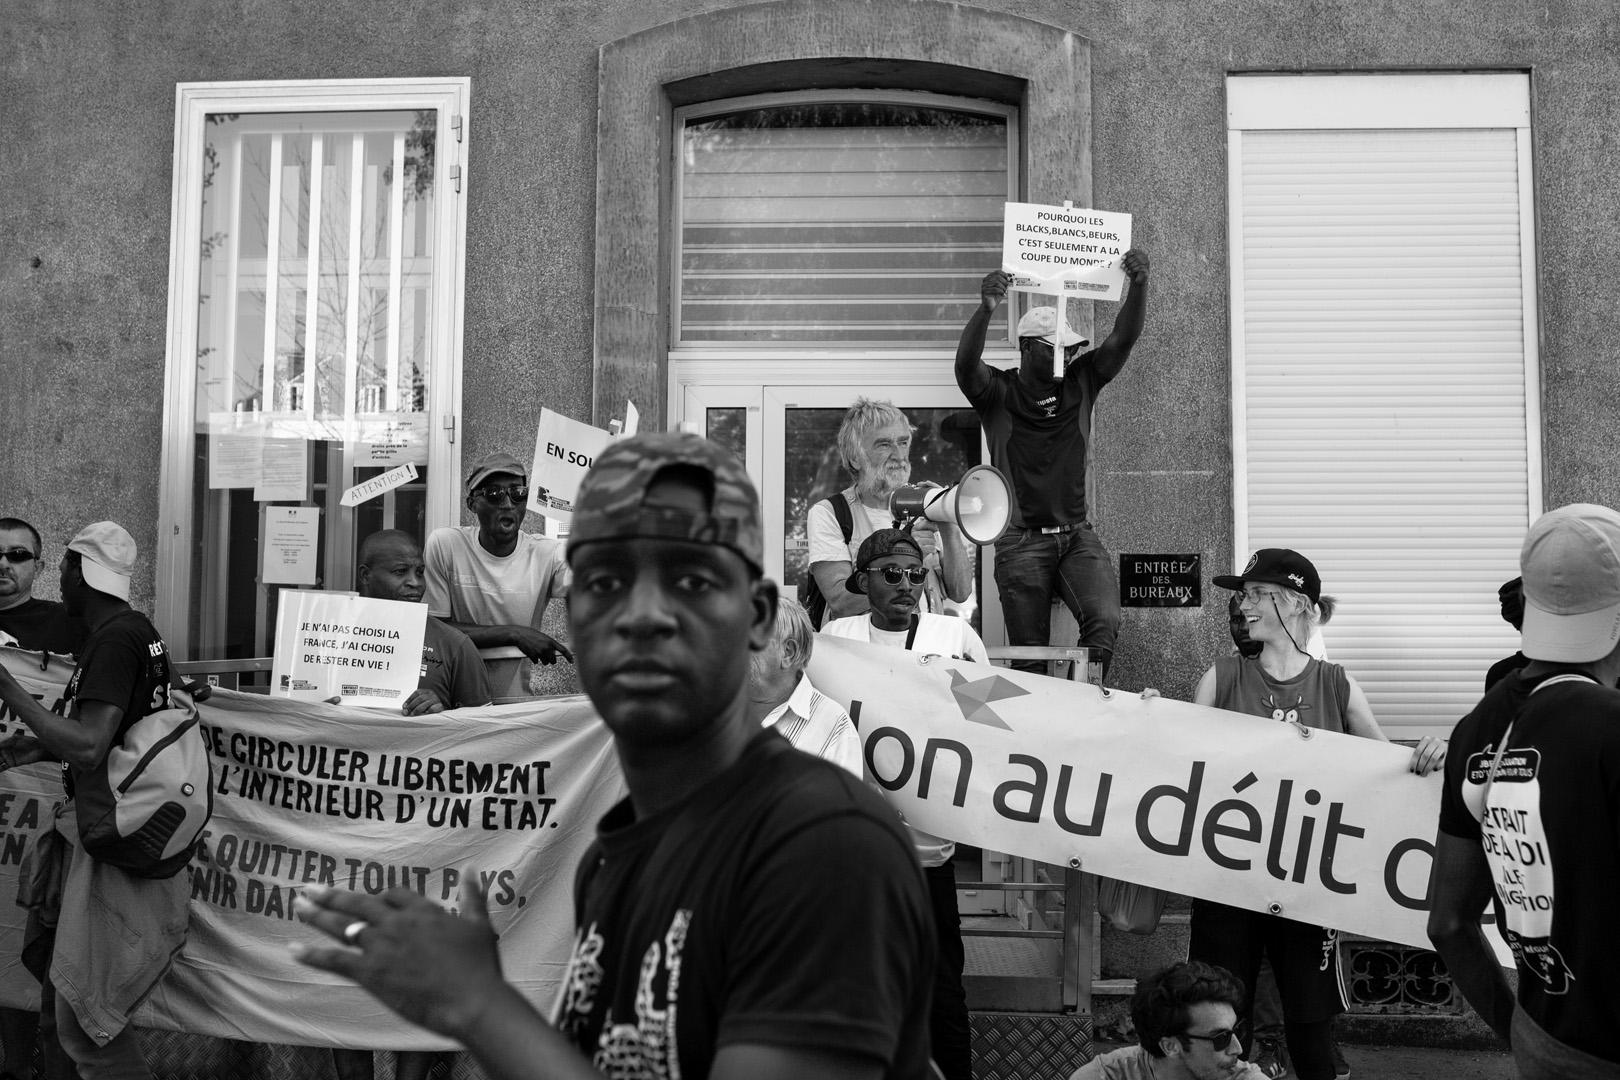 Manifestation dans le centre ville de Cambrai. Marche solidaire organisée par l'auberge des migrants.